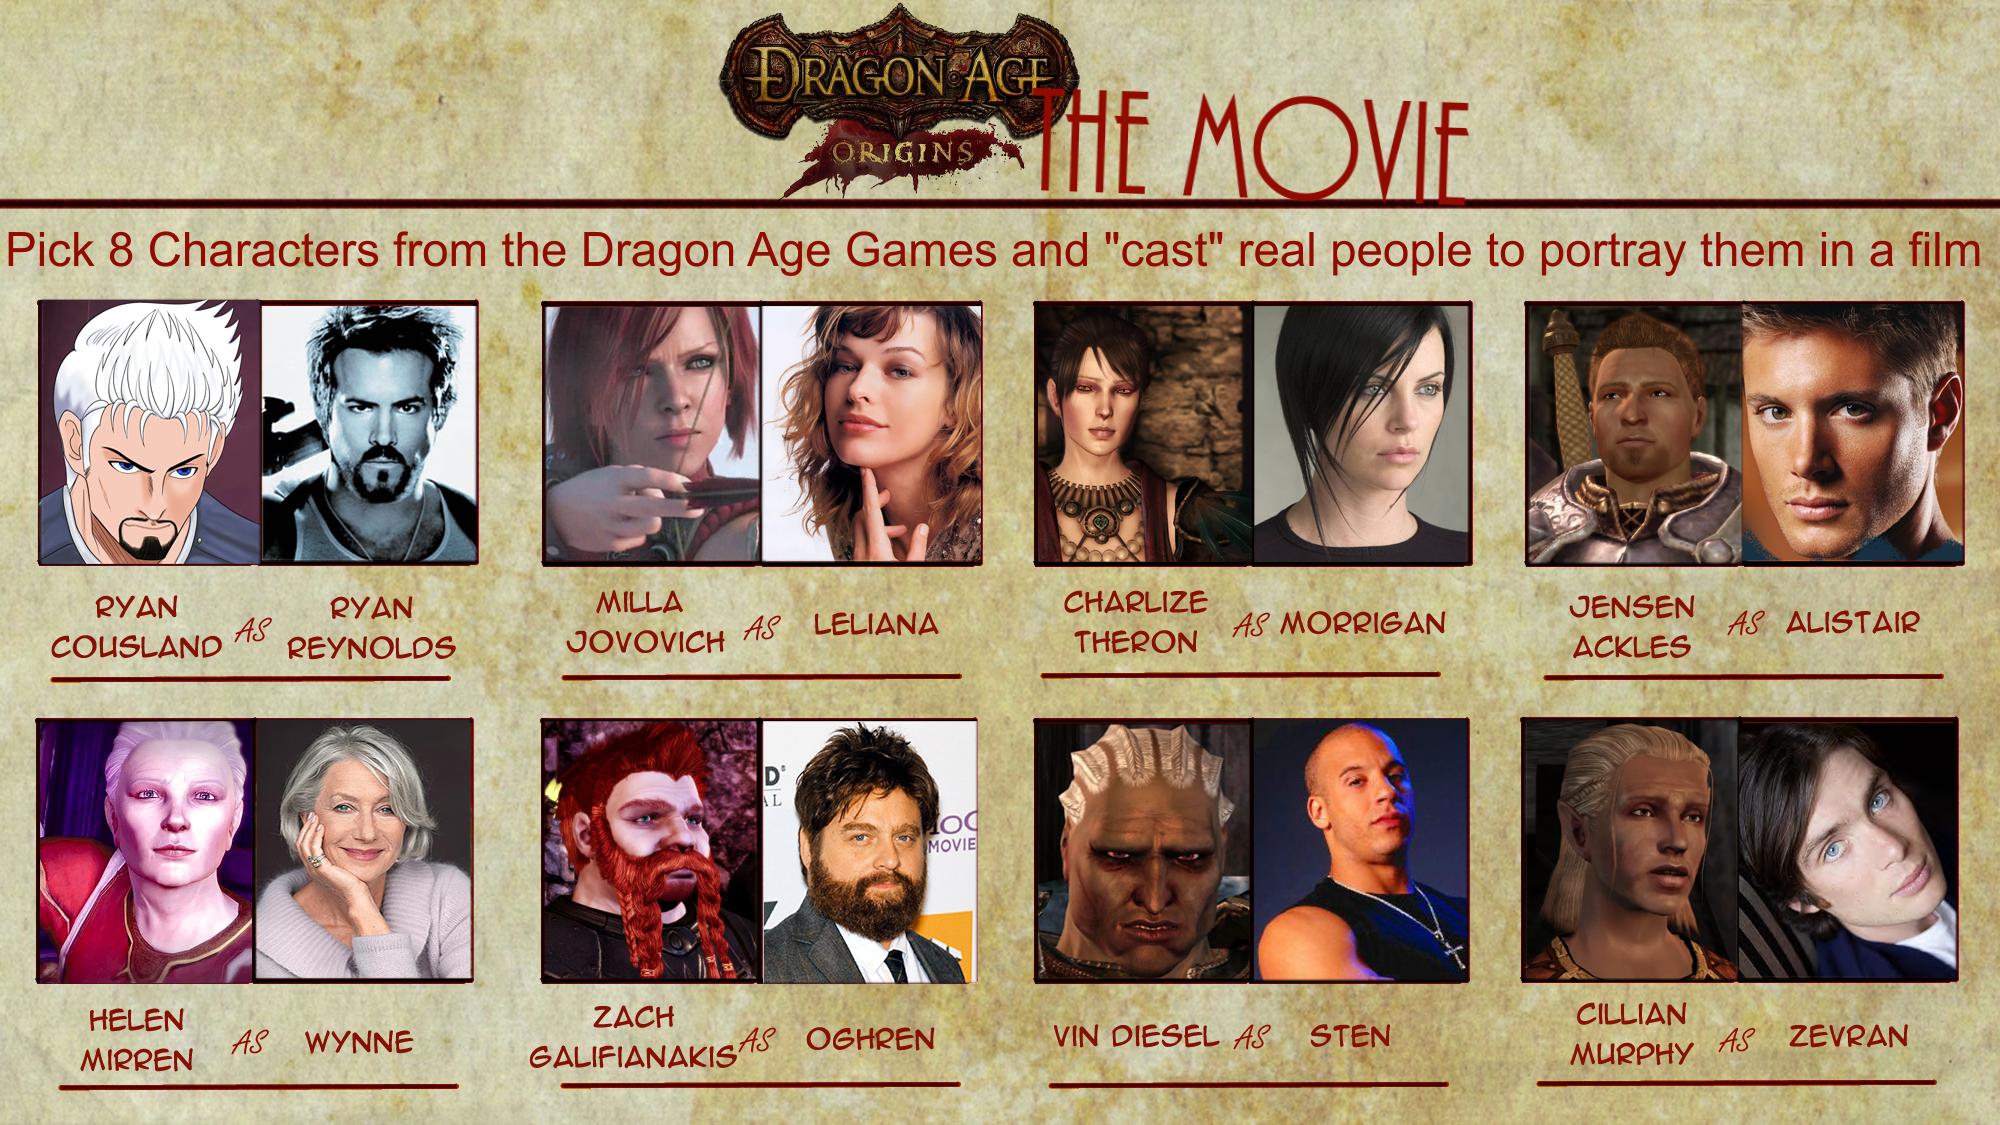 Just friends movie meme the dragon age movie meme cast